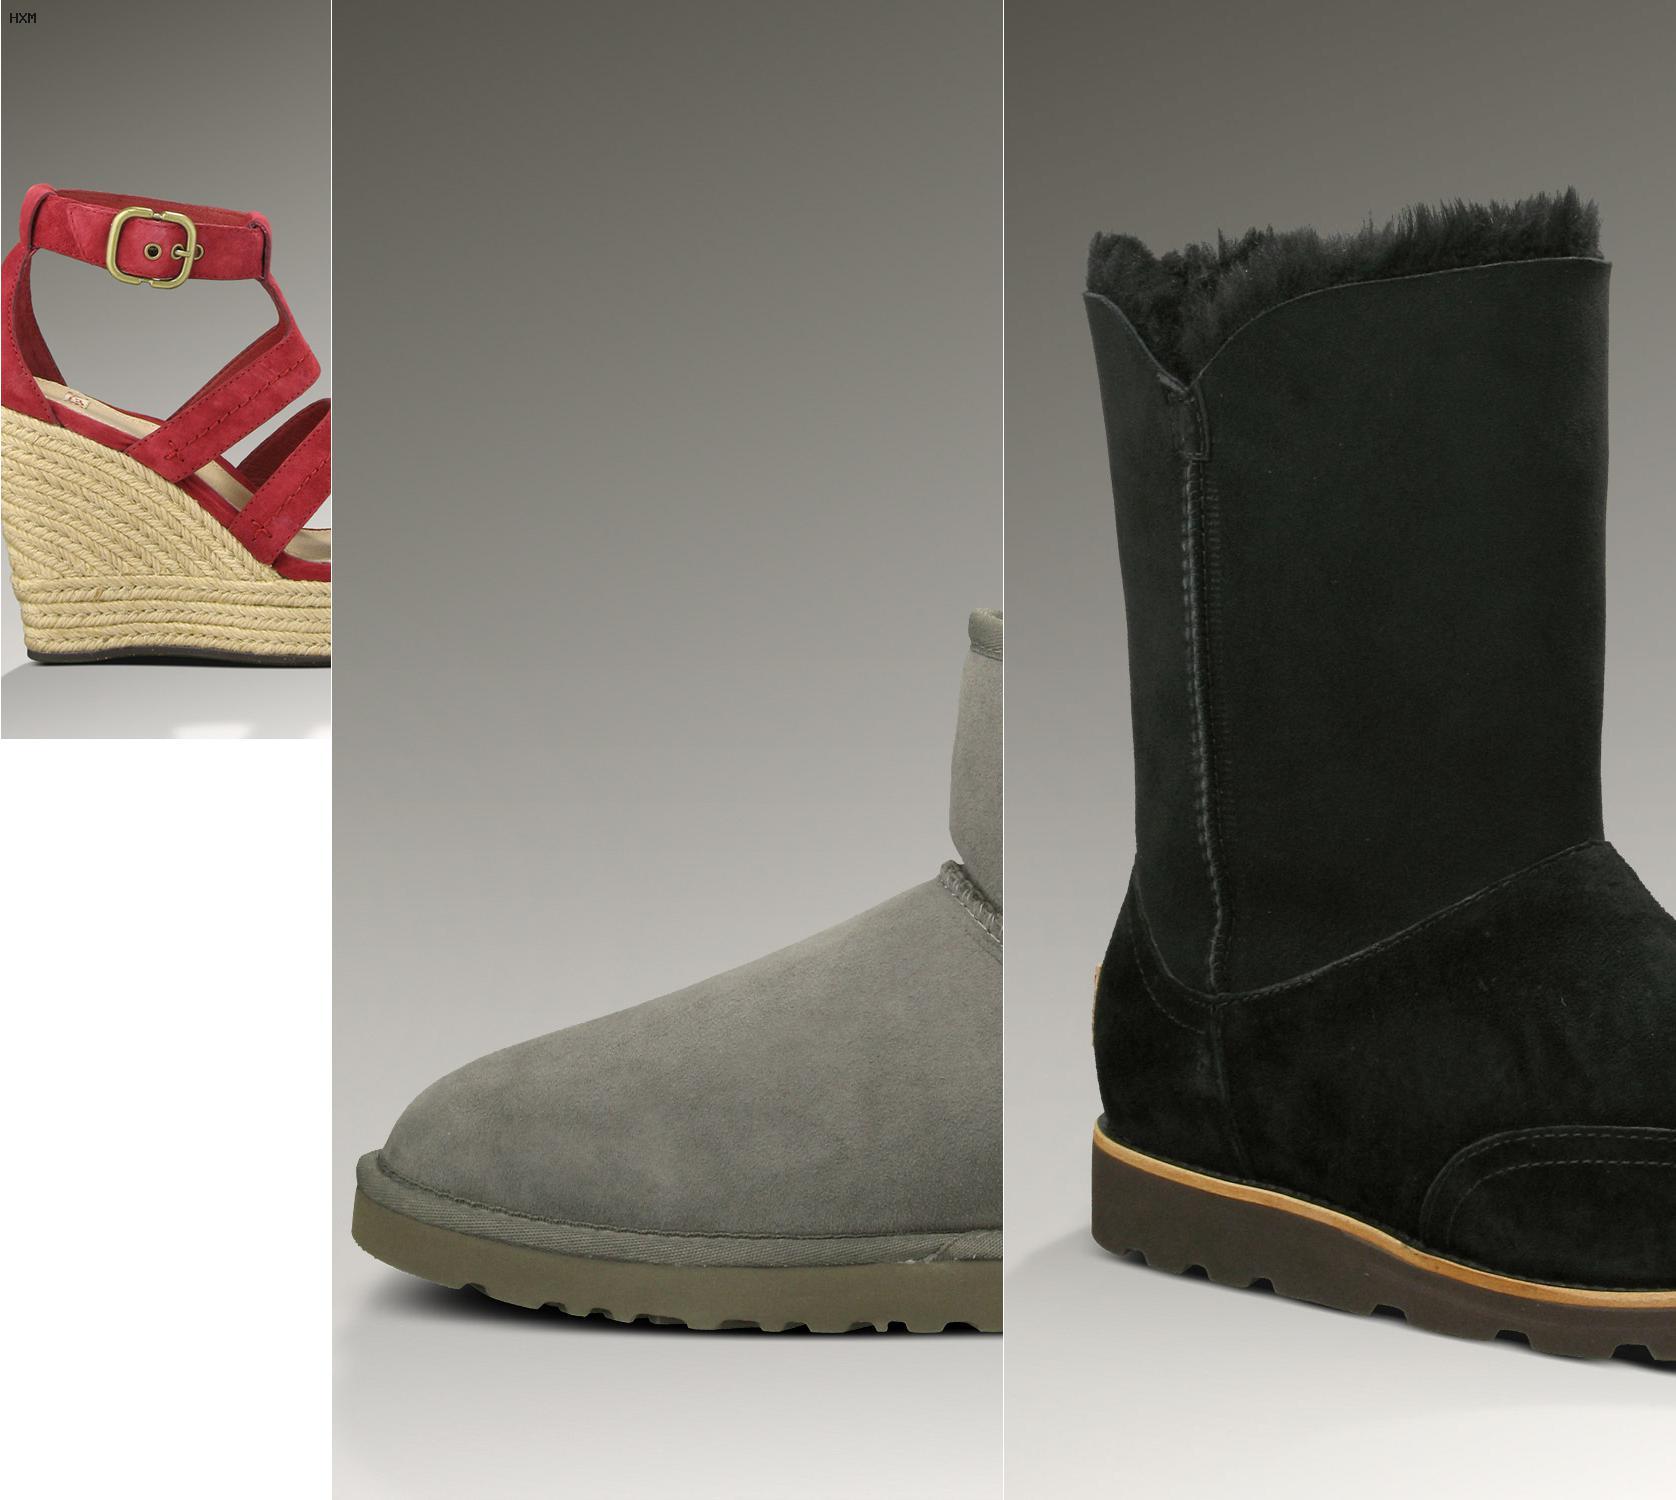 donde comprar botas imitacion ugg